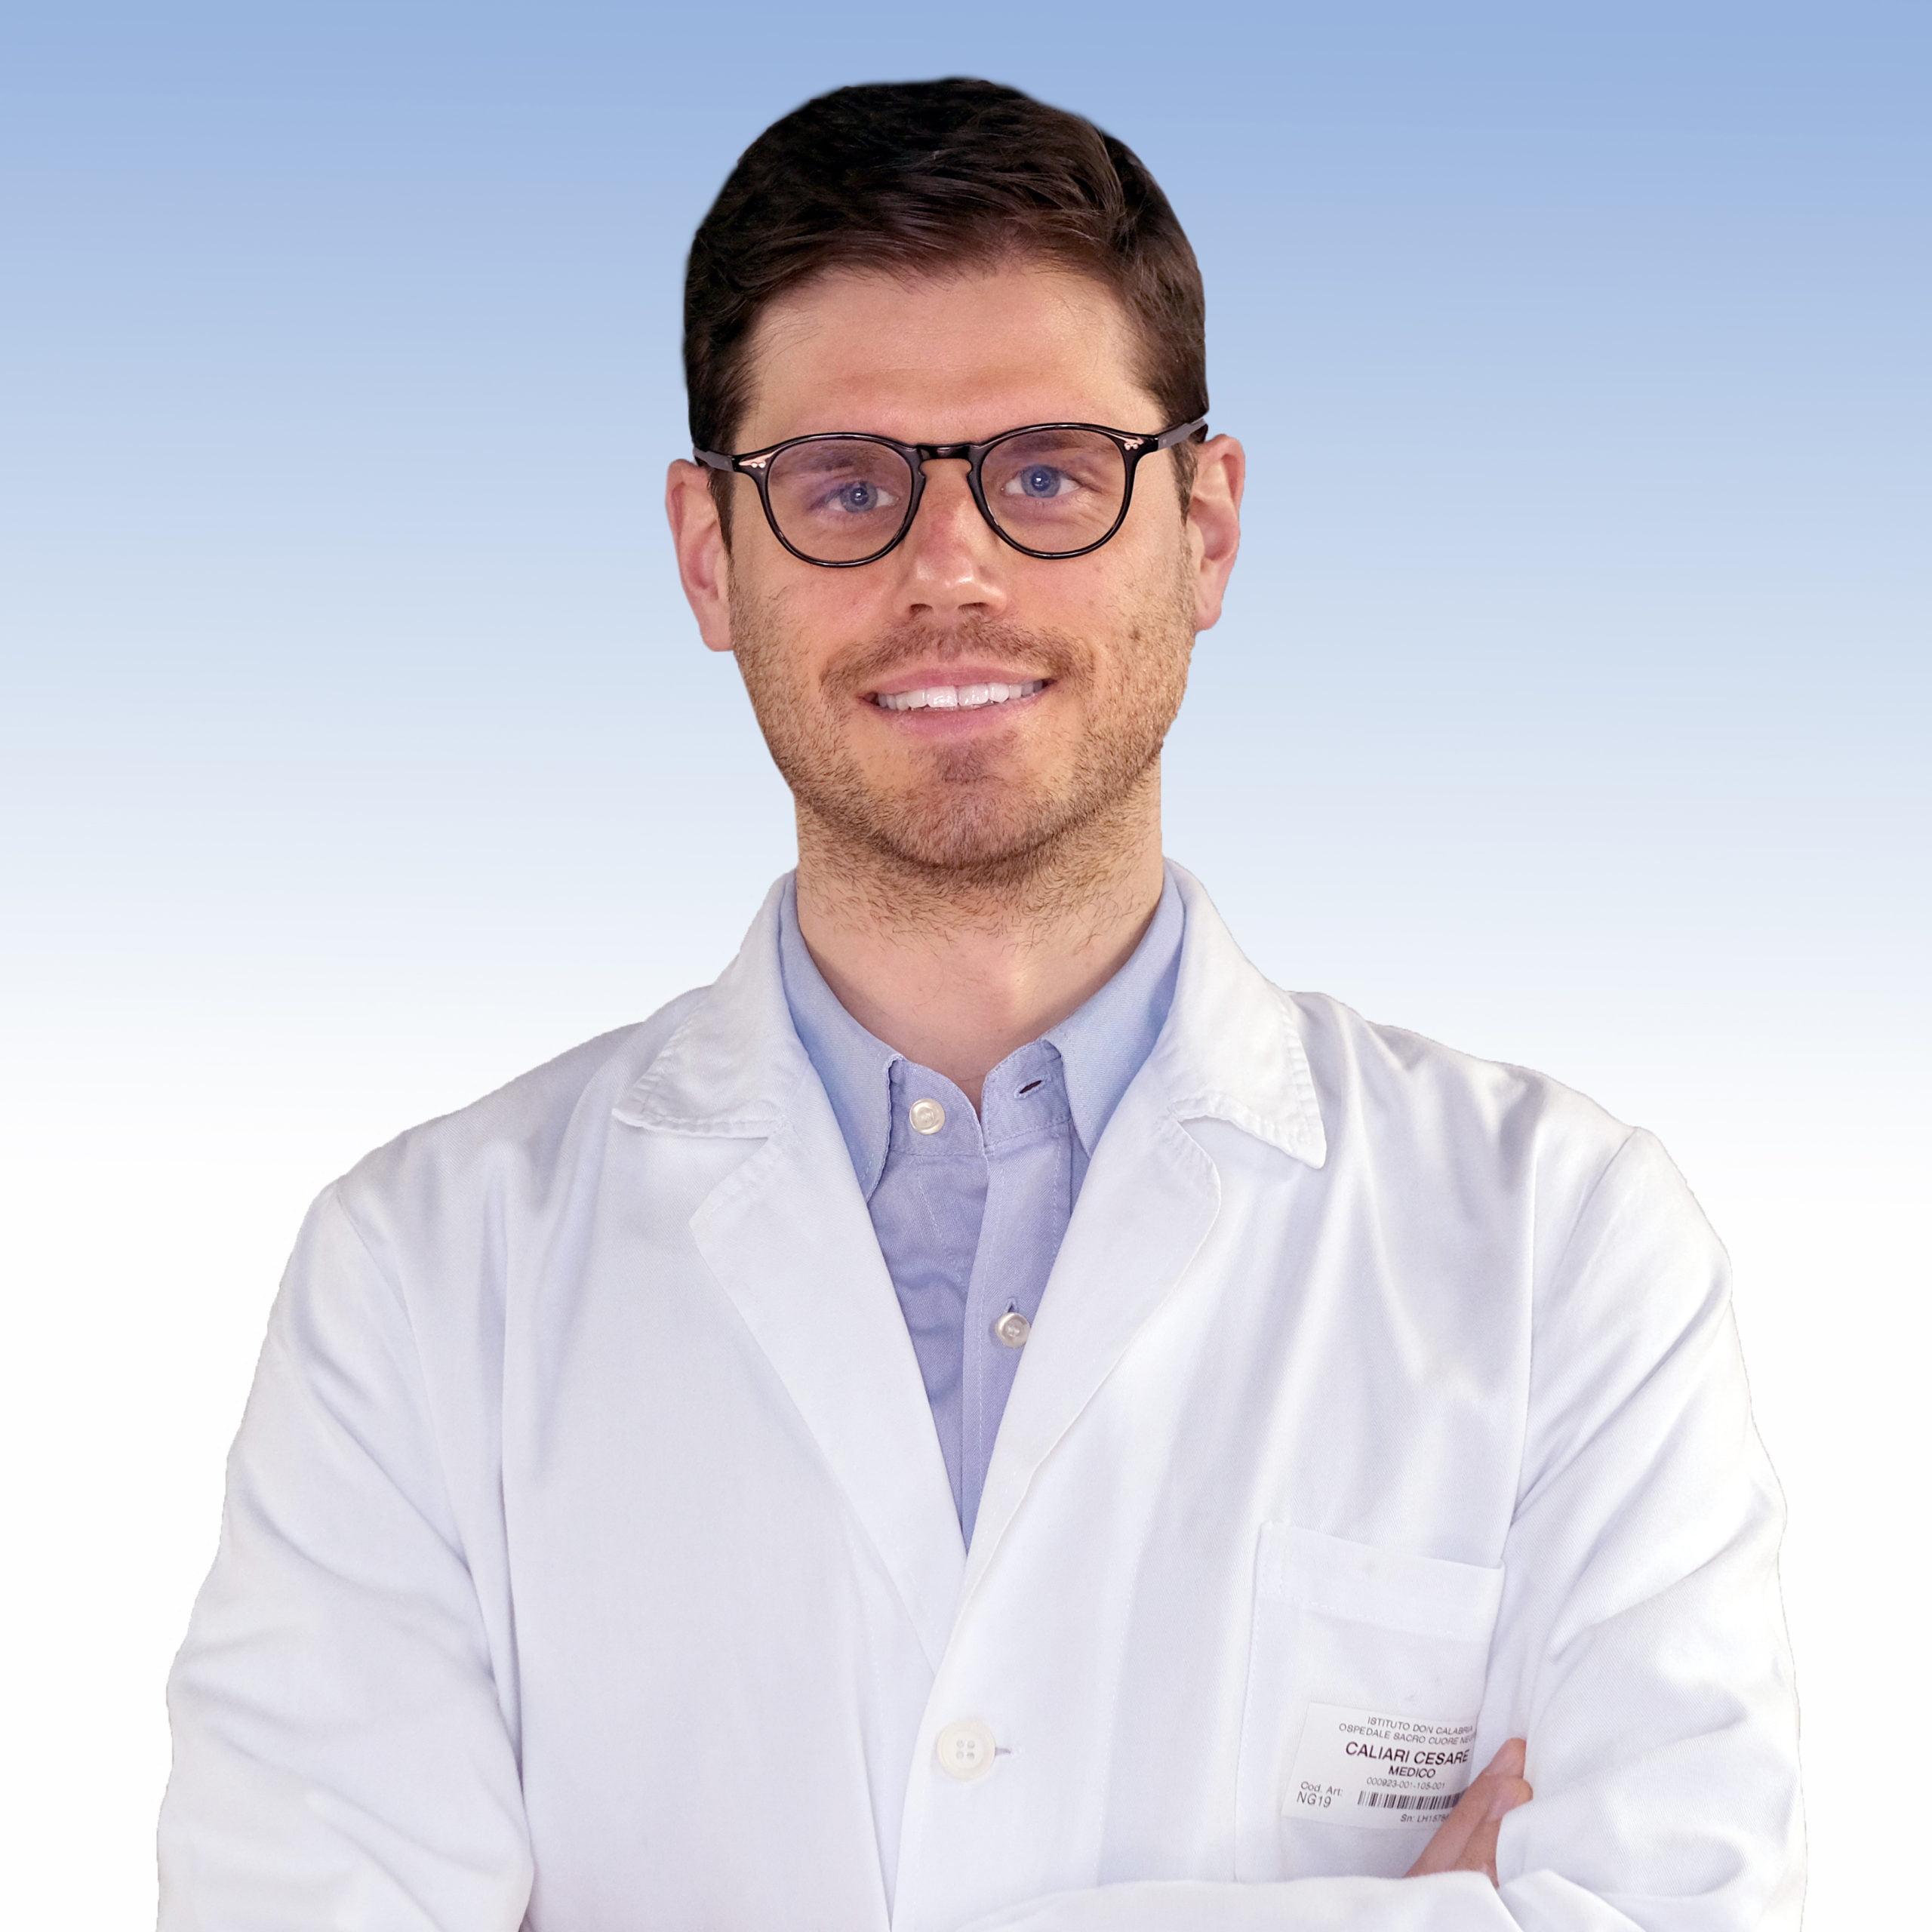 Dottor Cesare Caliari, geriatra dell'IRCCS Sacro Cuore Don Calabria